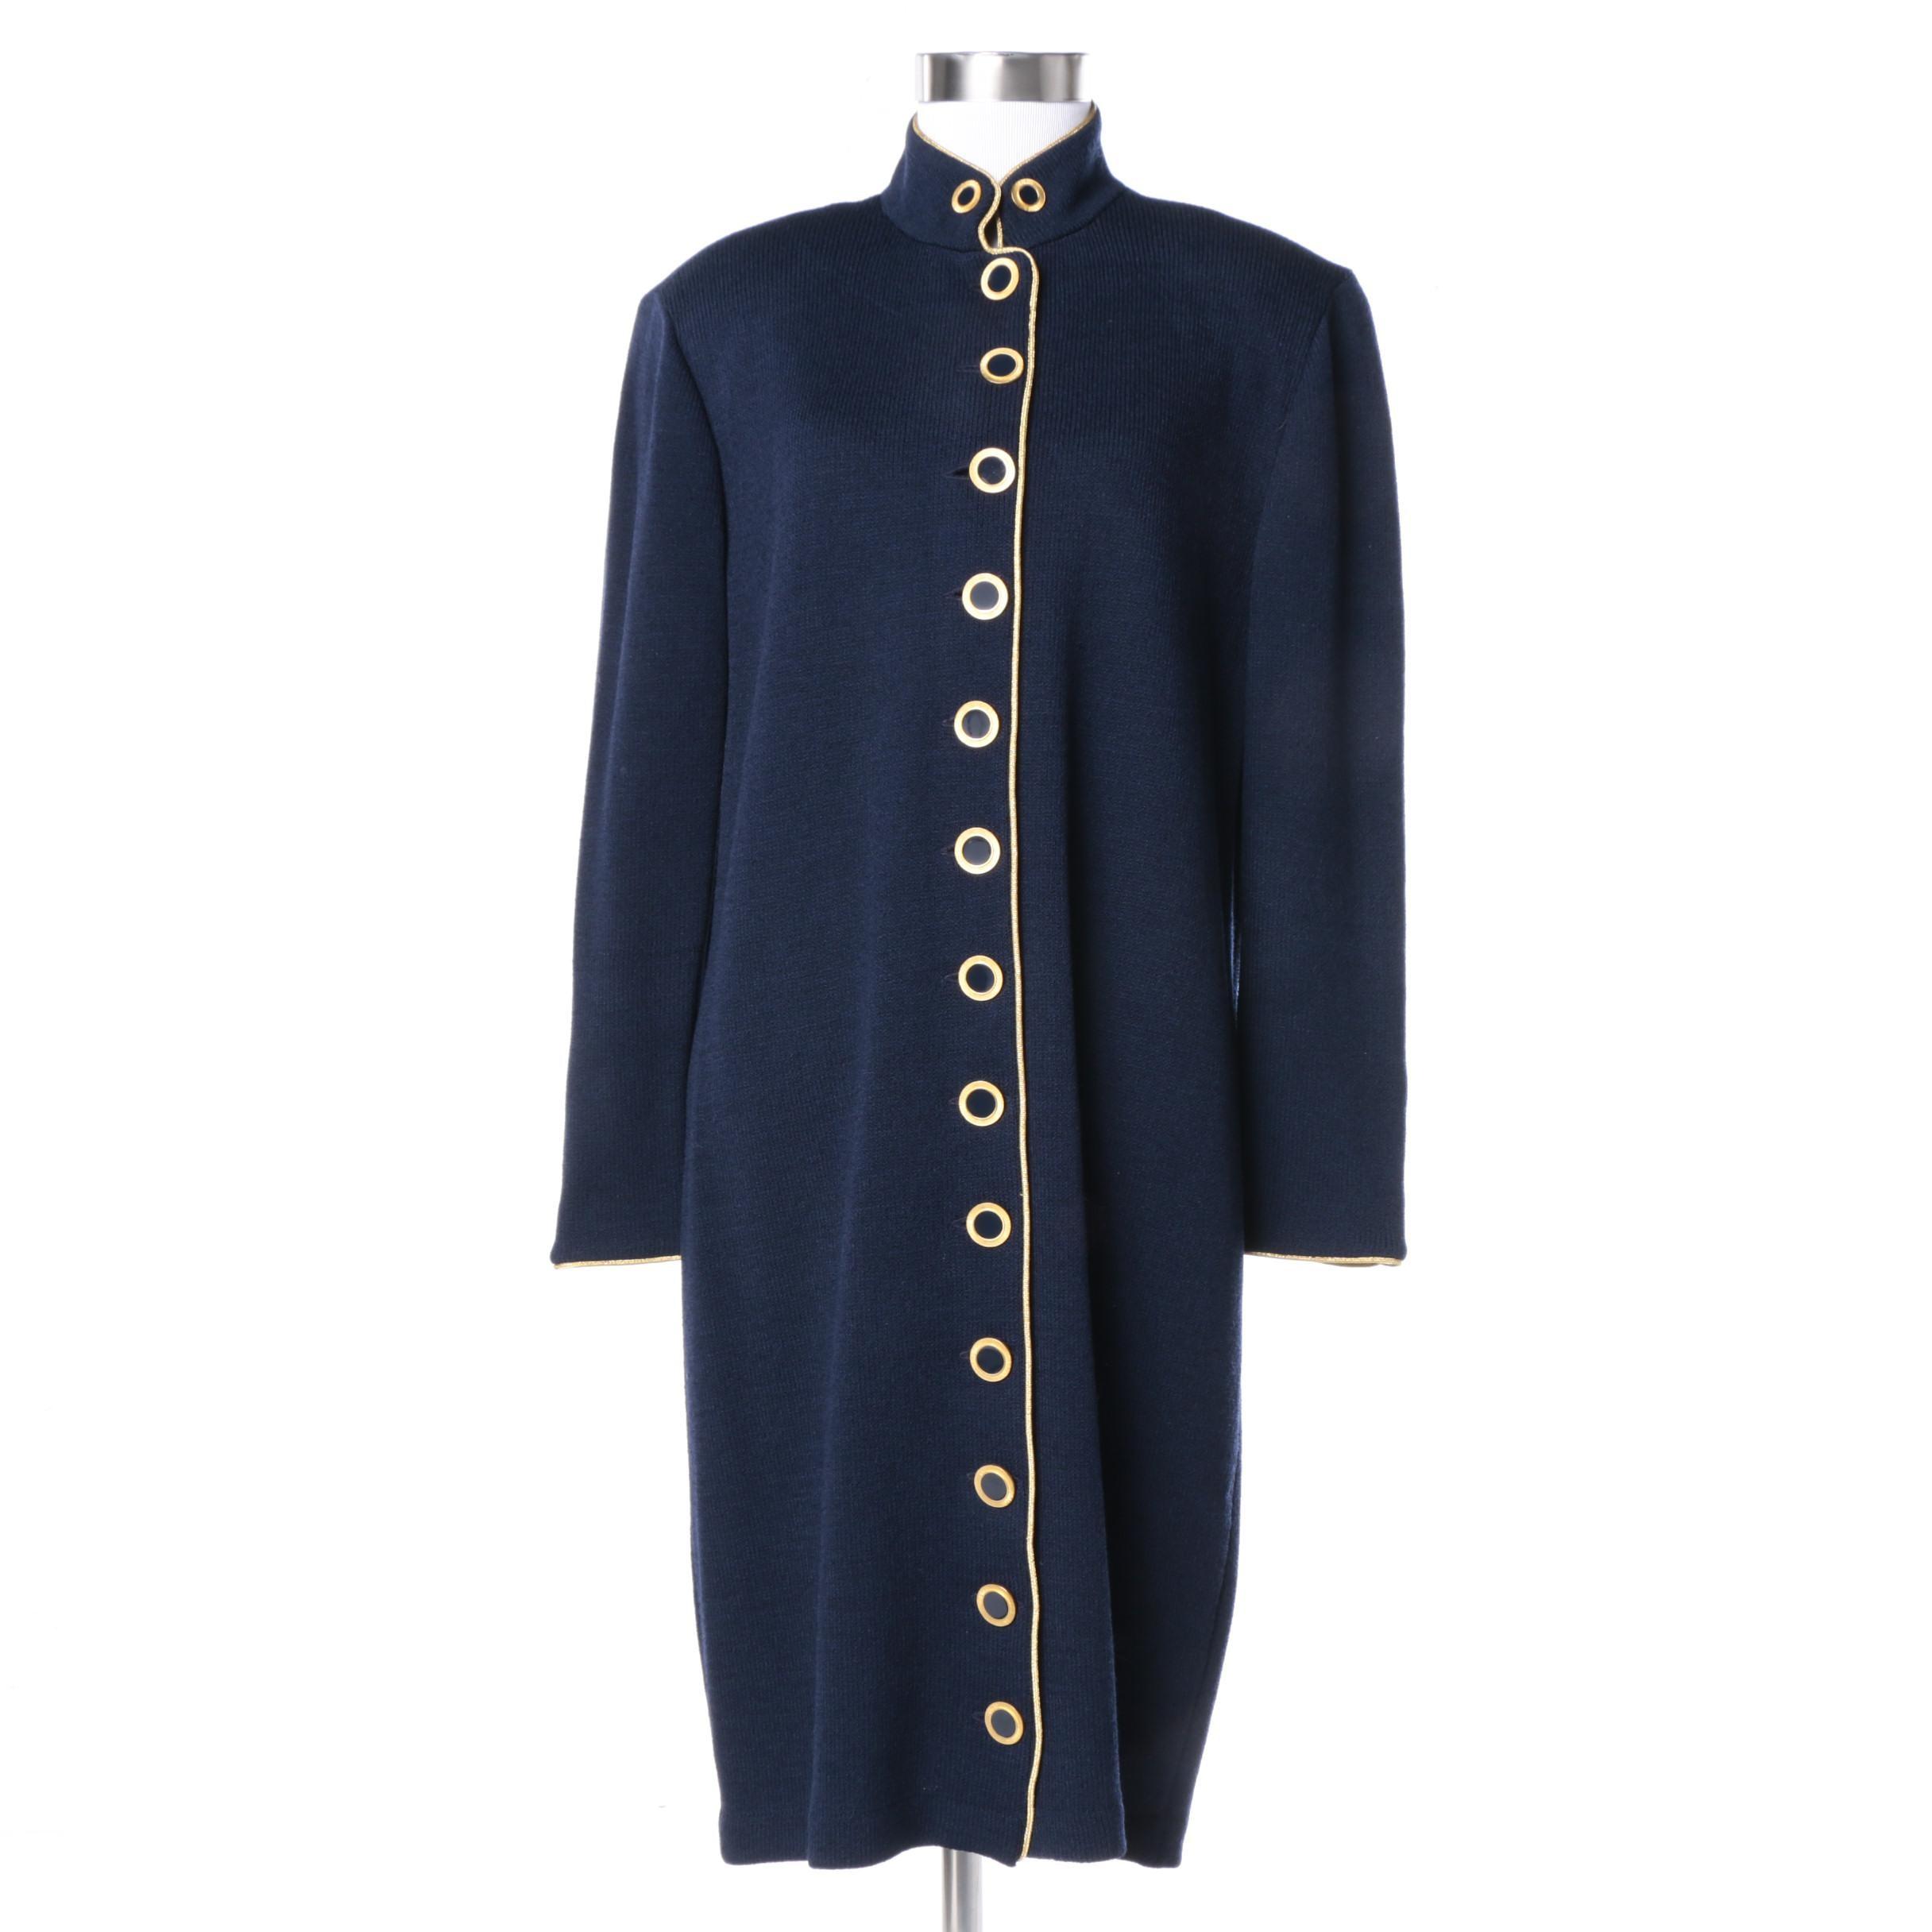 St. John Collection Navy Blue Knit Jacket